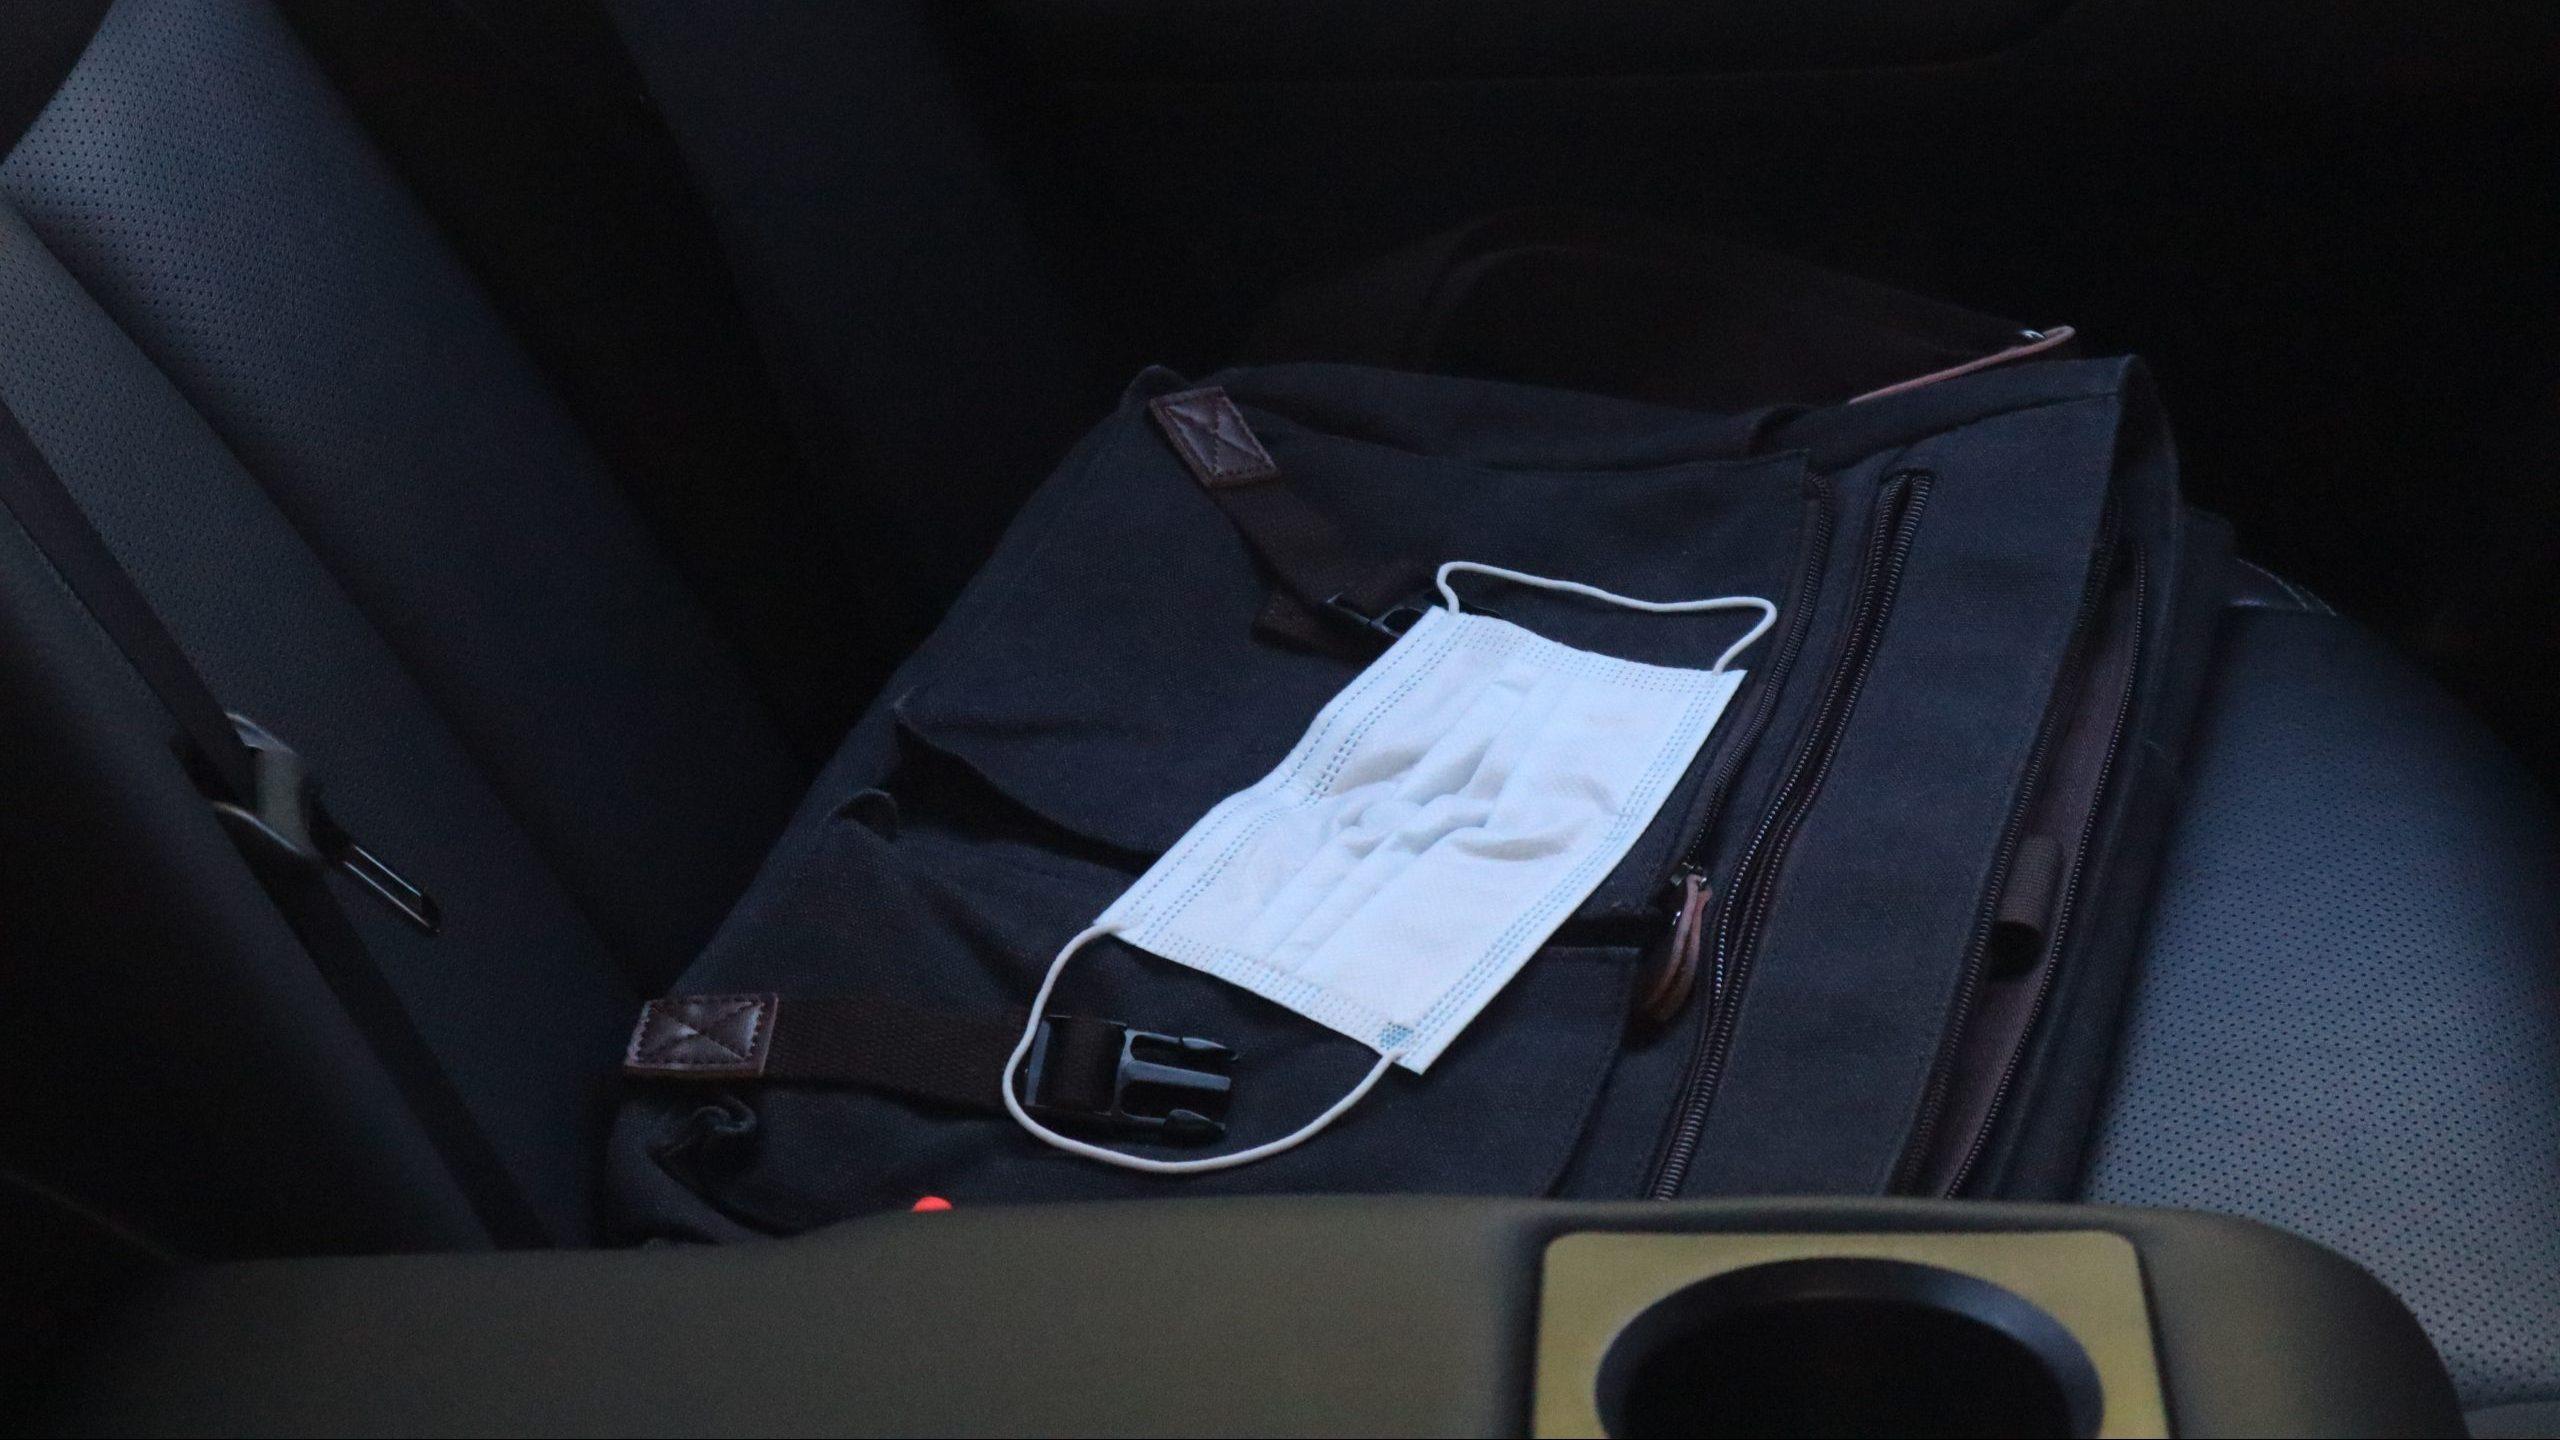 Mondkapje in auto op achterbank